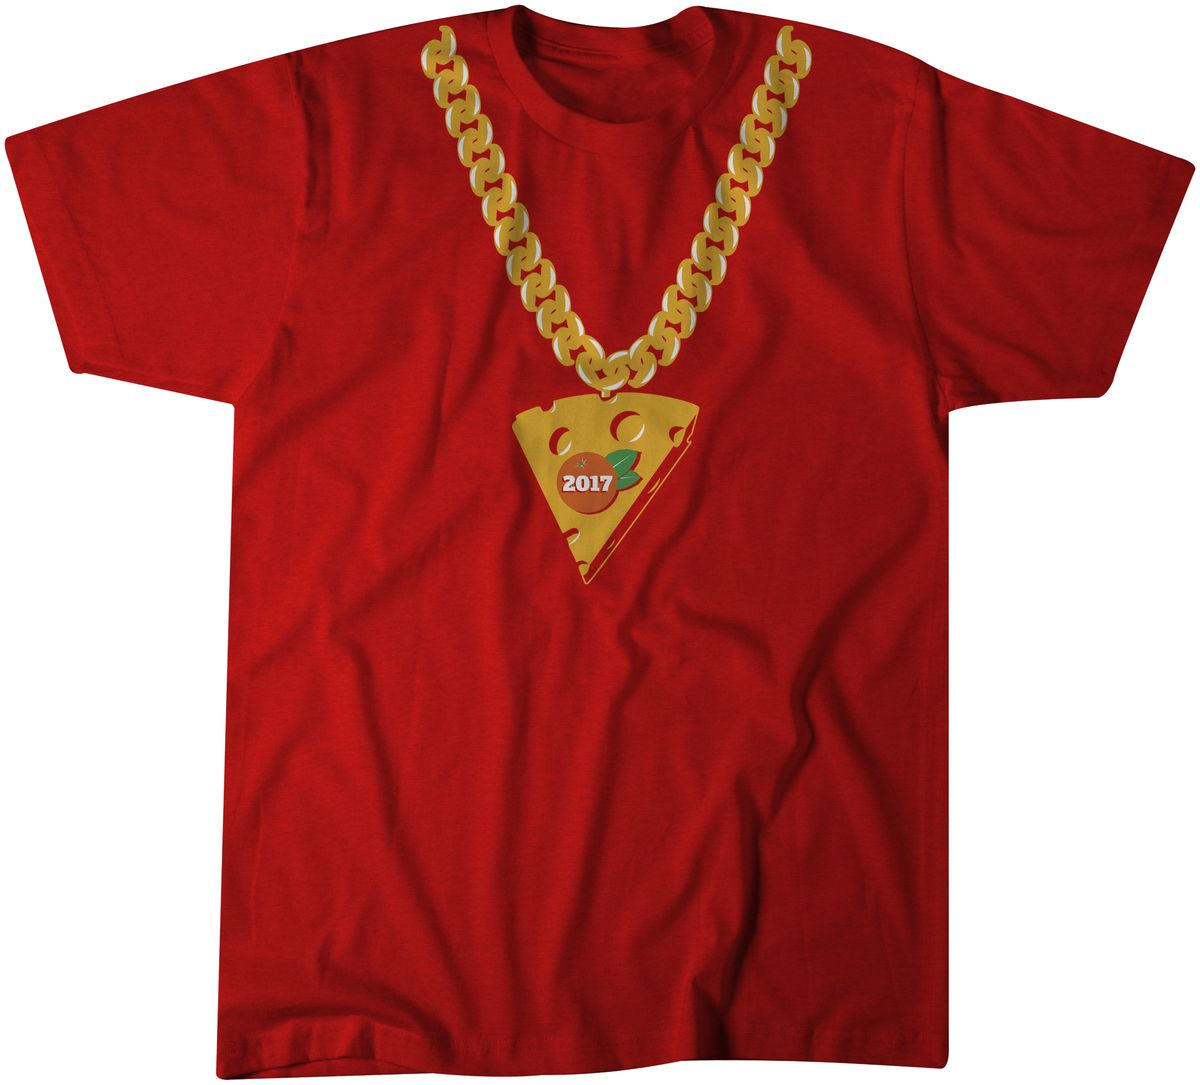 Cheese Chain t-shirt